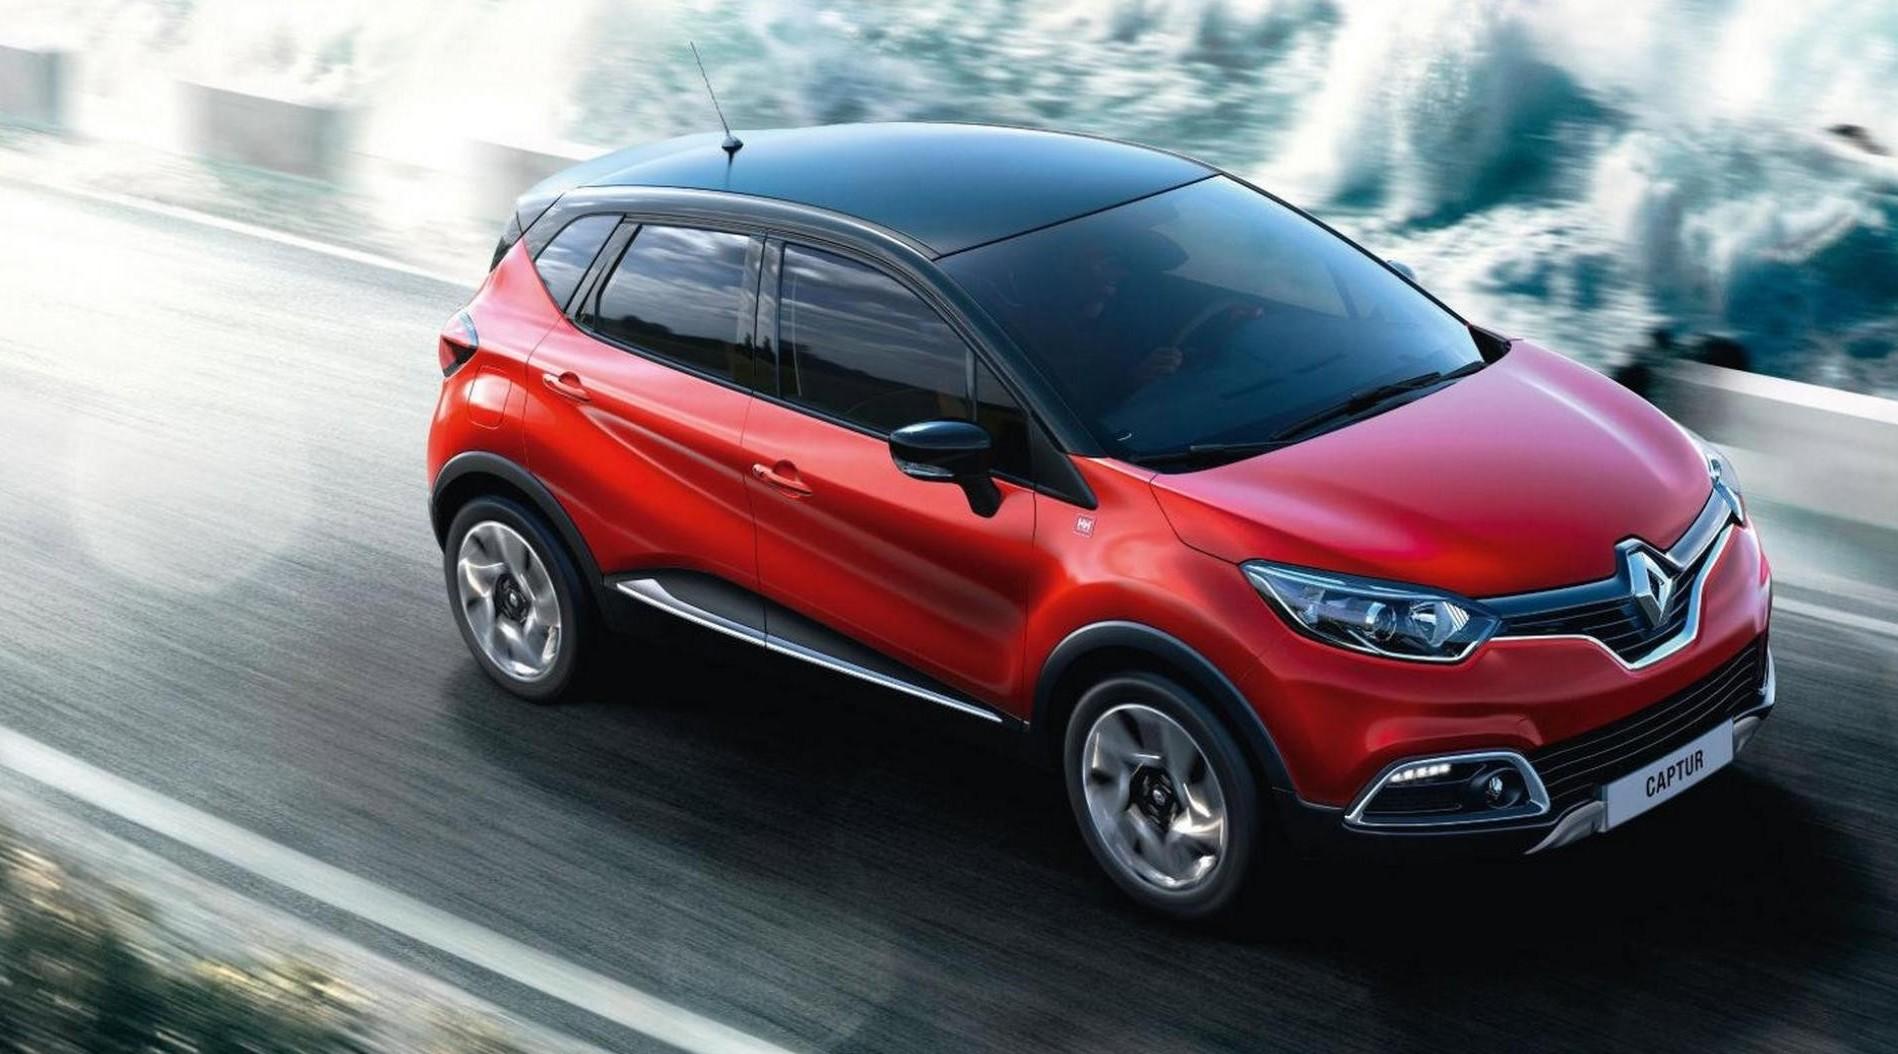 Renault Captur 2020 ibrida prezzi, motor